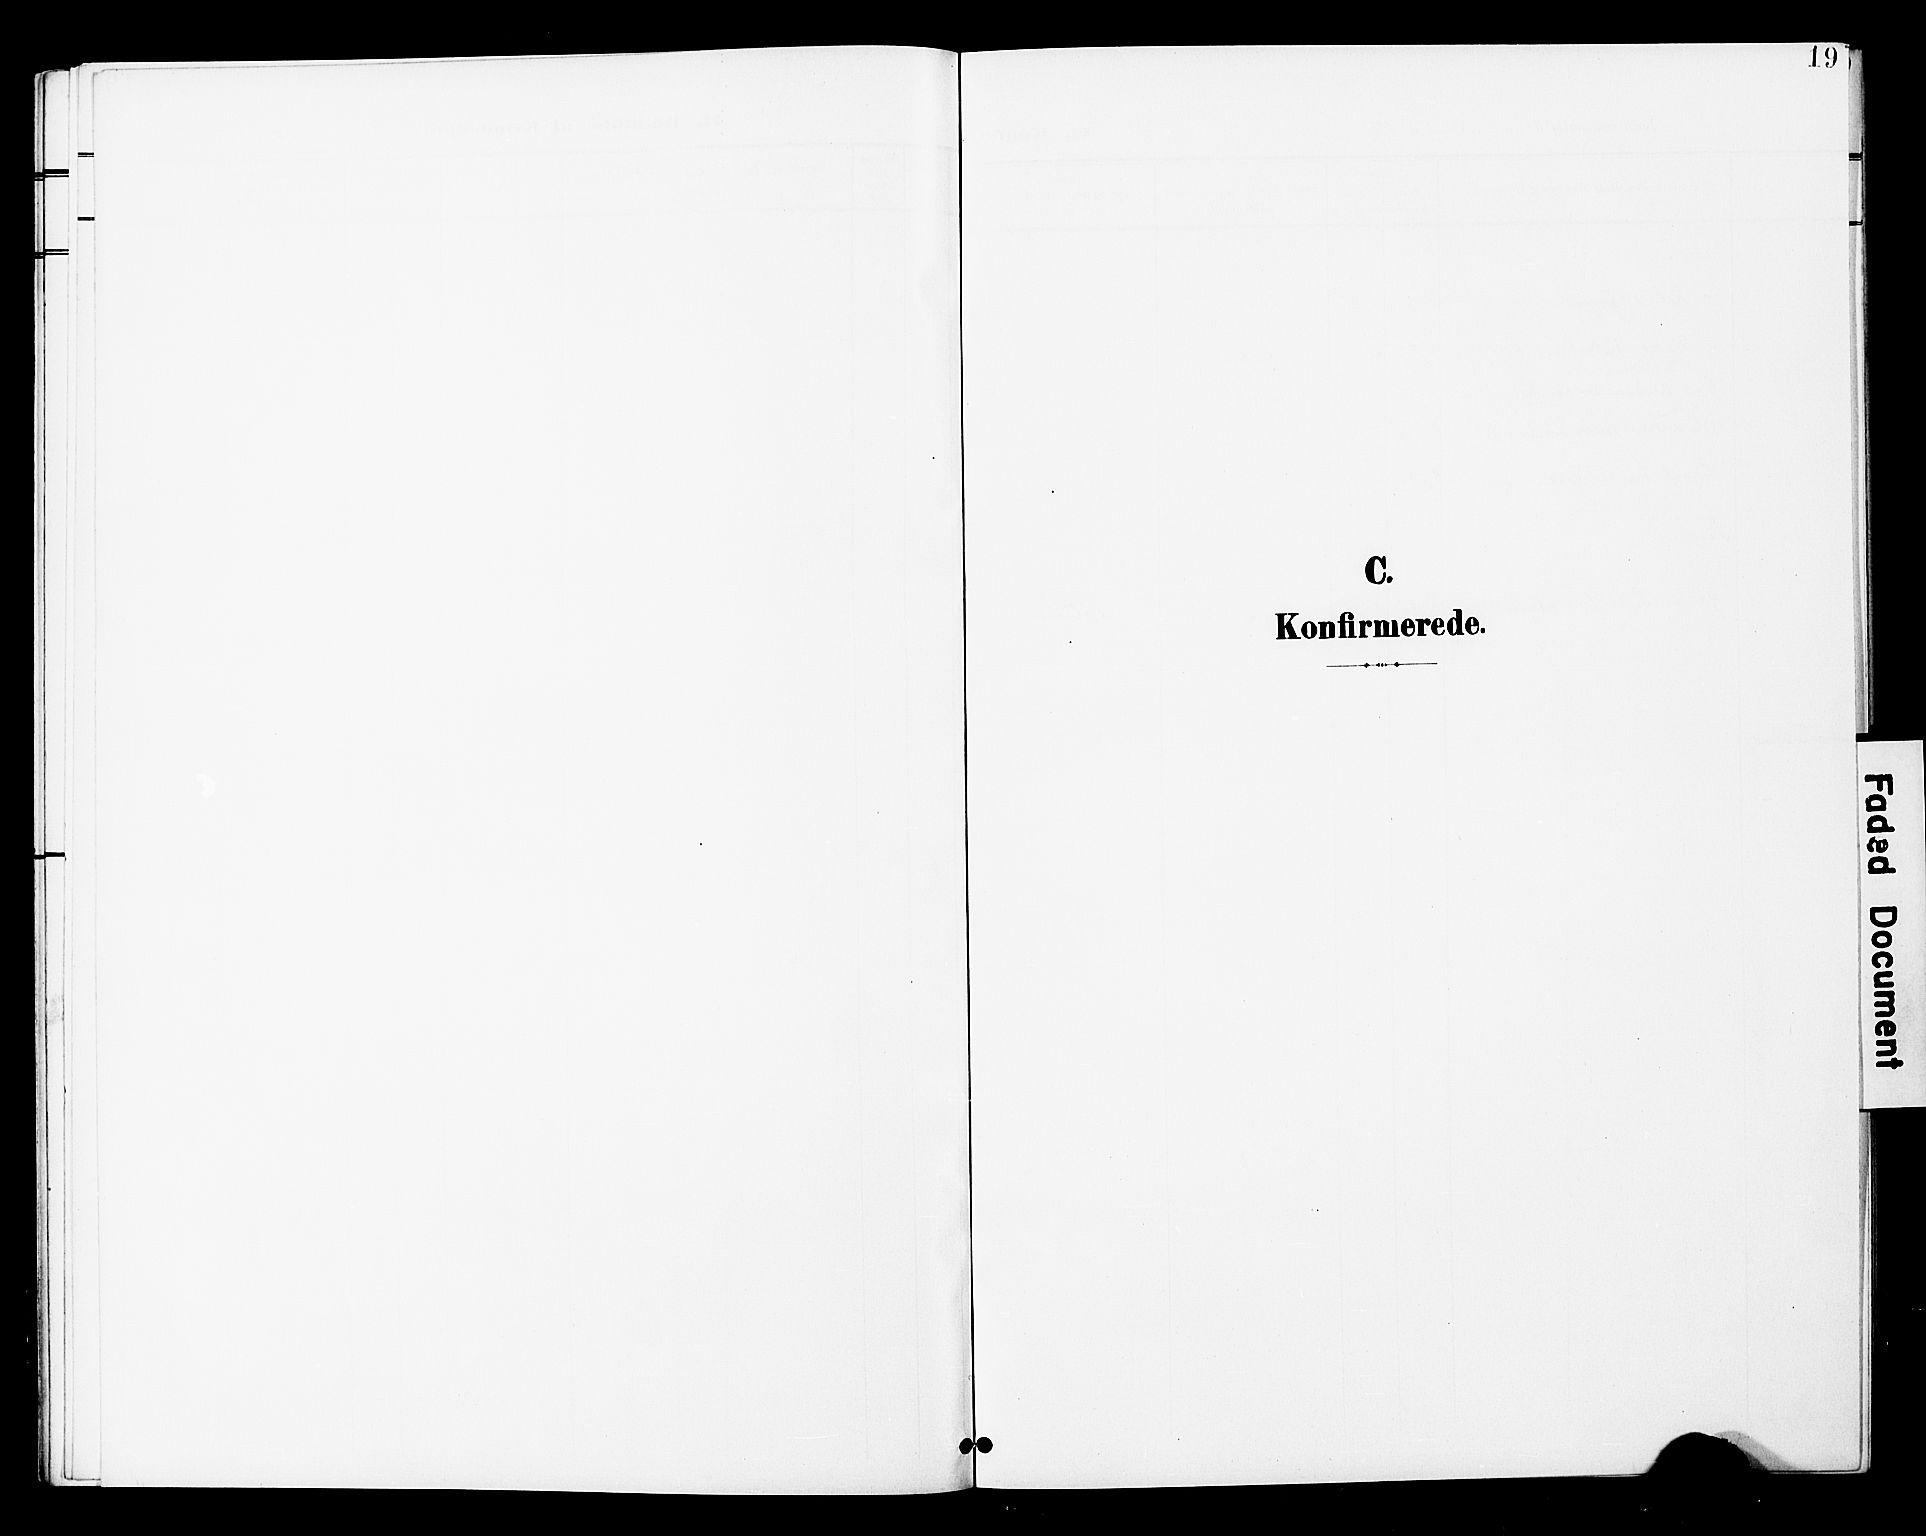 SAT, Ministerialprotokoller, klokkerbøker og fødselsregistre - Nord-Trøndelag, 748/L0464: Ministerialbok nr. 748A01, 1900-1908, s. 19